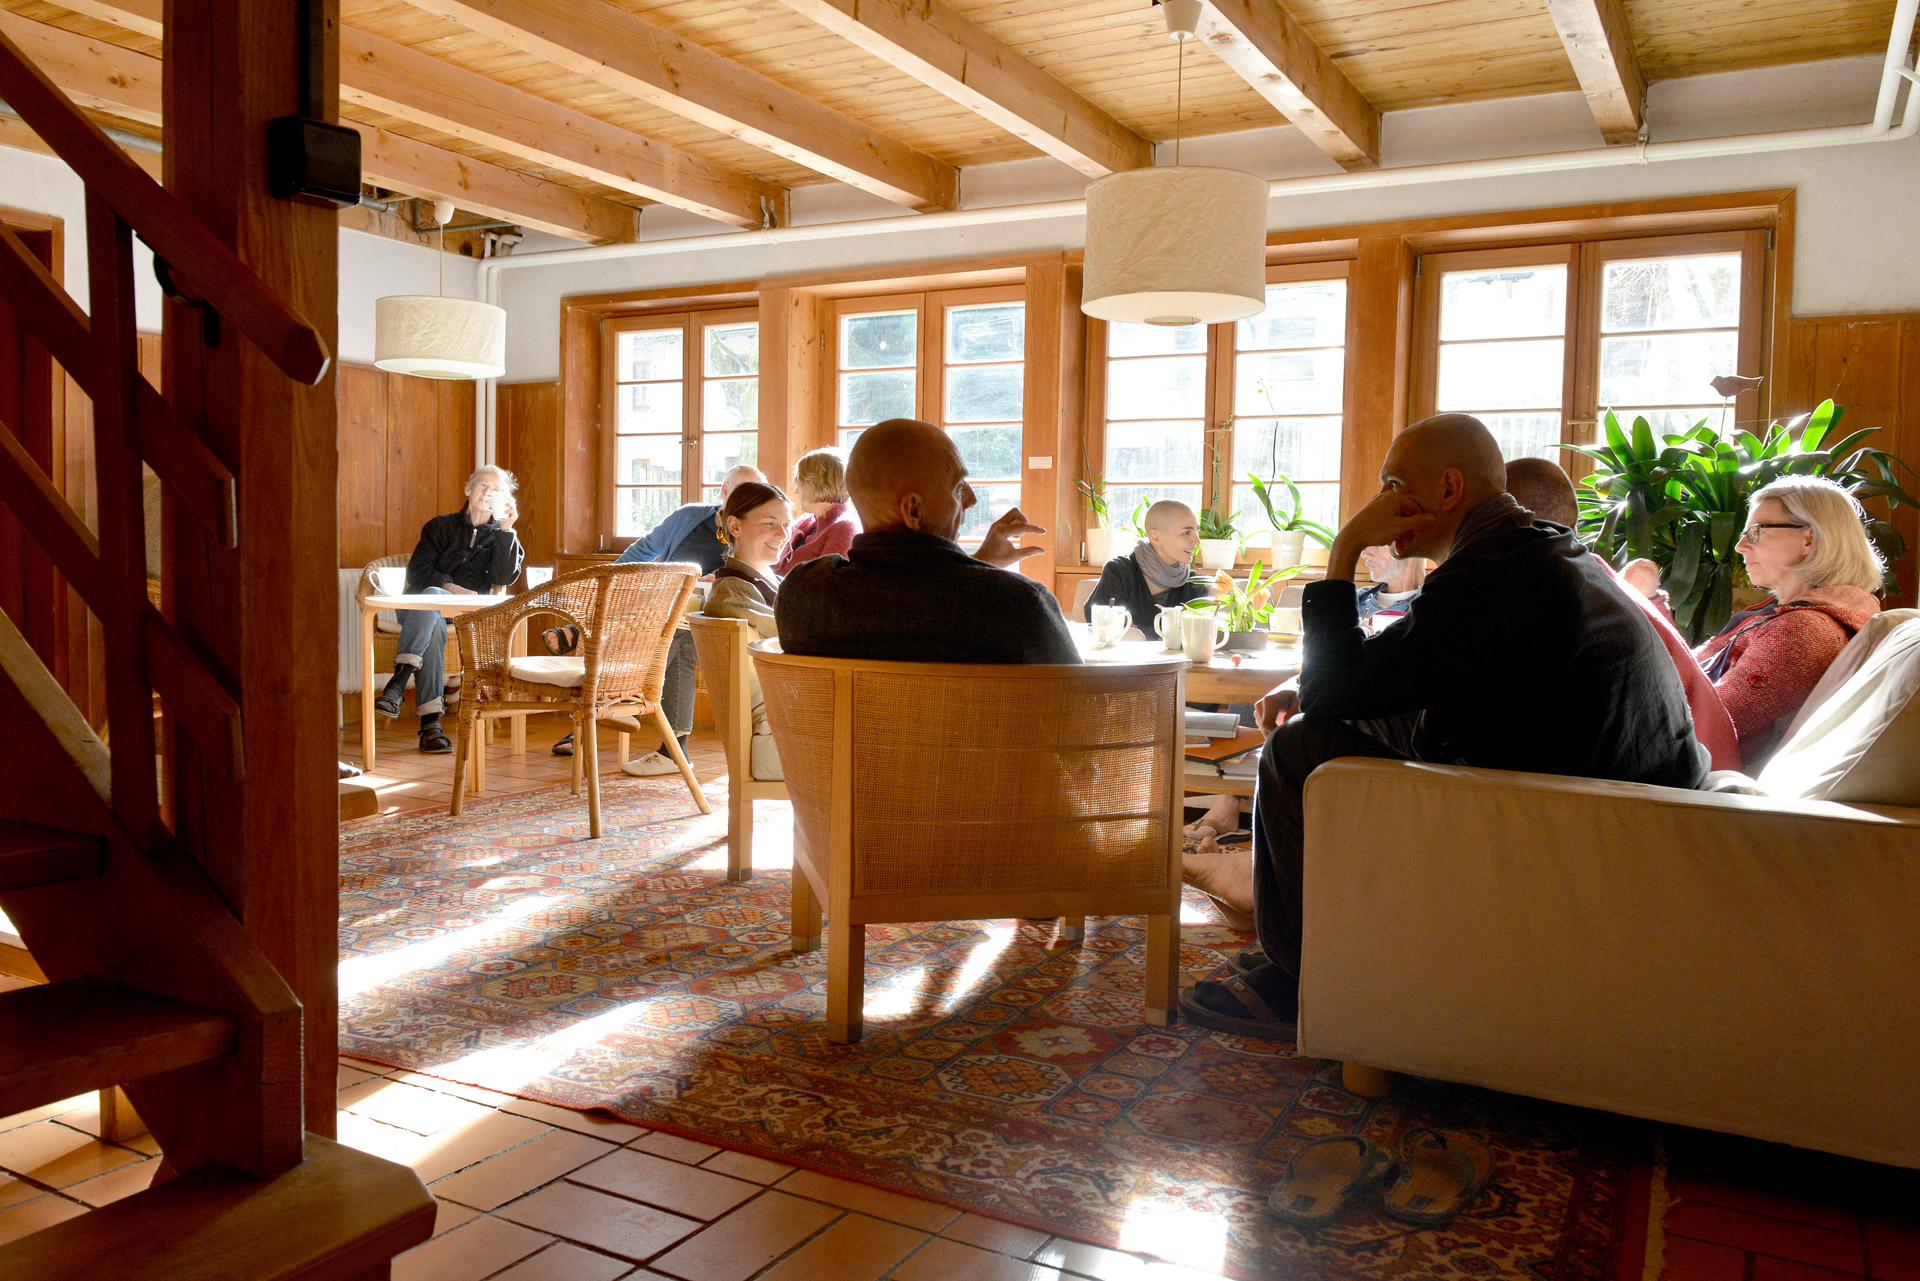 Johanneshof Quellenweg Aufenthaltsraum, Zen Buddhistisches Zentrum Schwarzwald